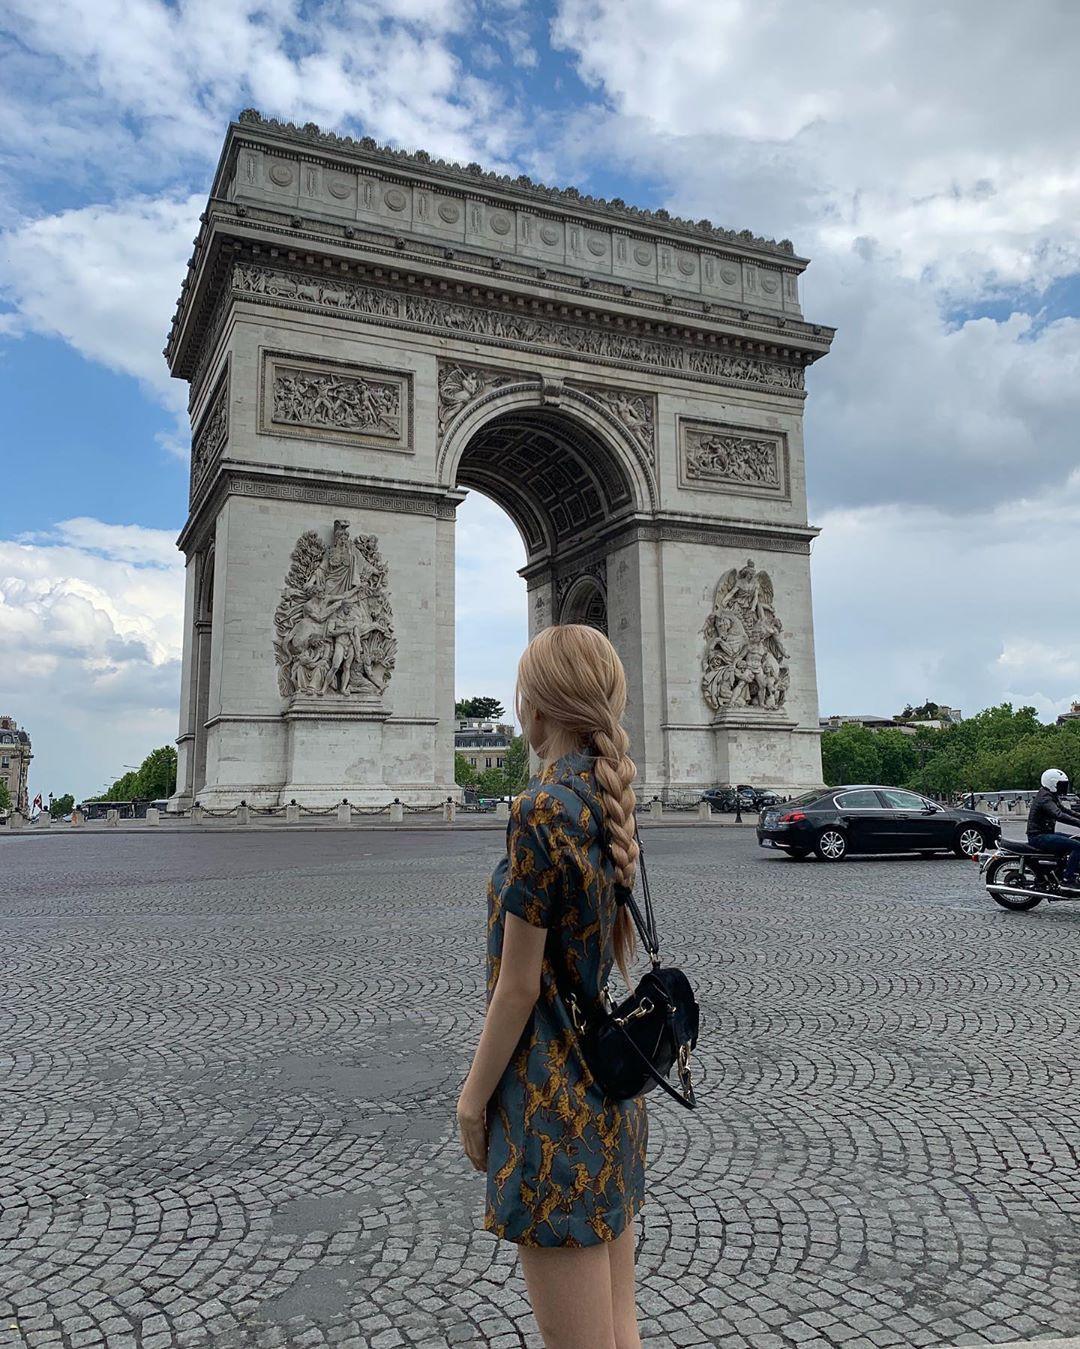 Chuyến đi châu Âu hơn 10 ngày của BLACKPINK chính là lịch trình hoàn hảo cho ai muốn khám phá những địa danh vừa lạ vừa quen ở trời Tây - Ảnh 23.